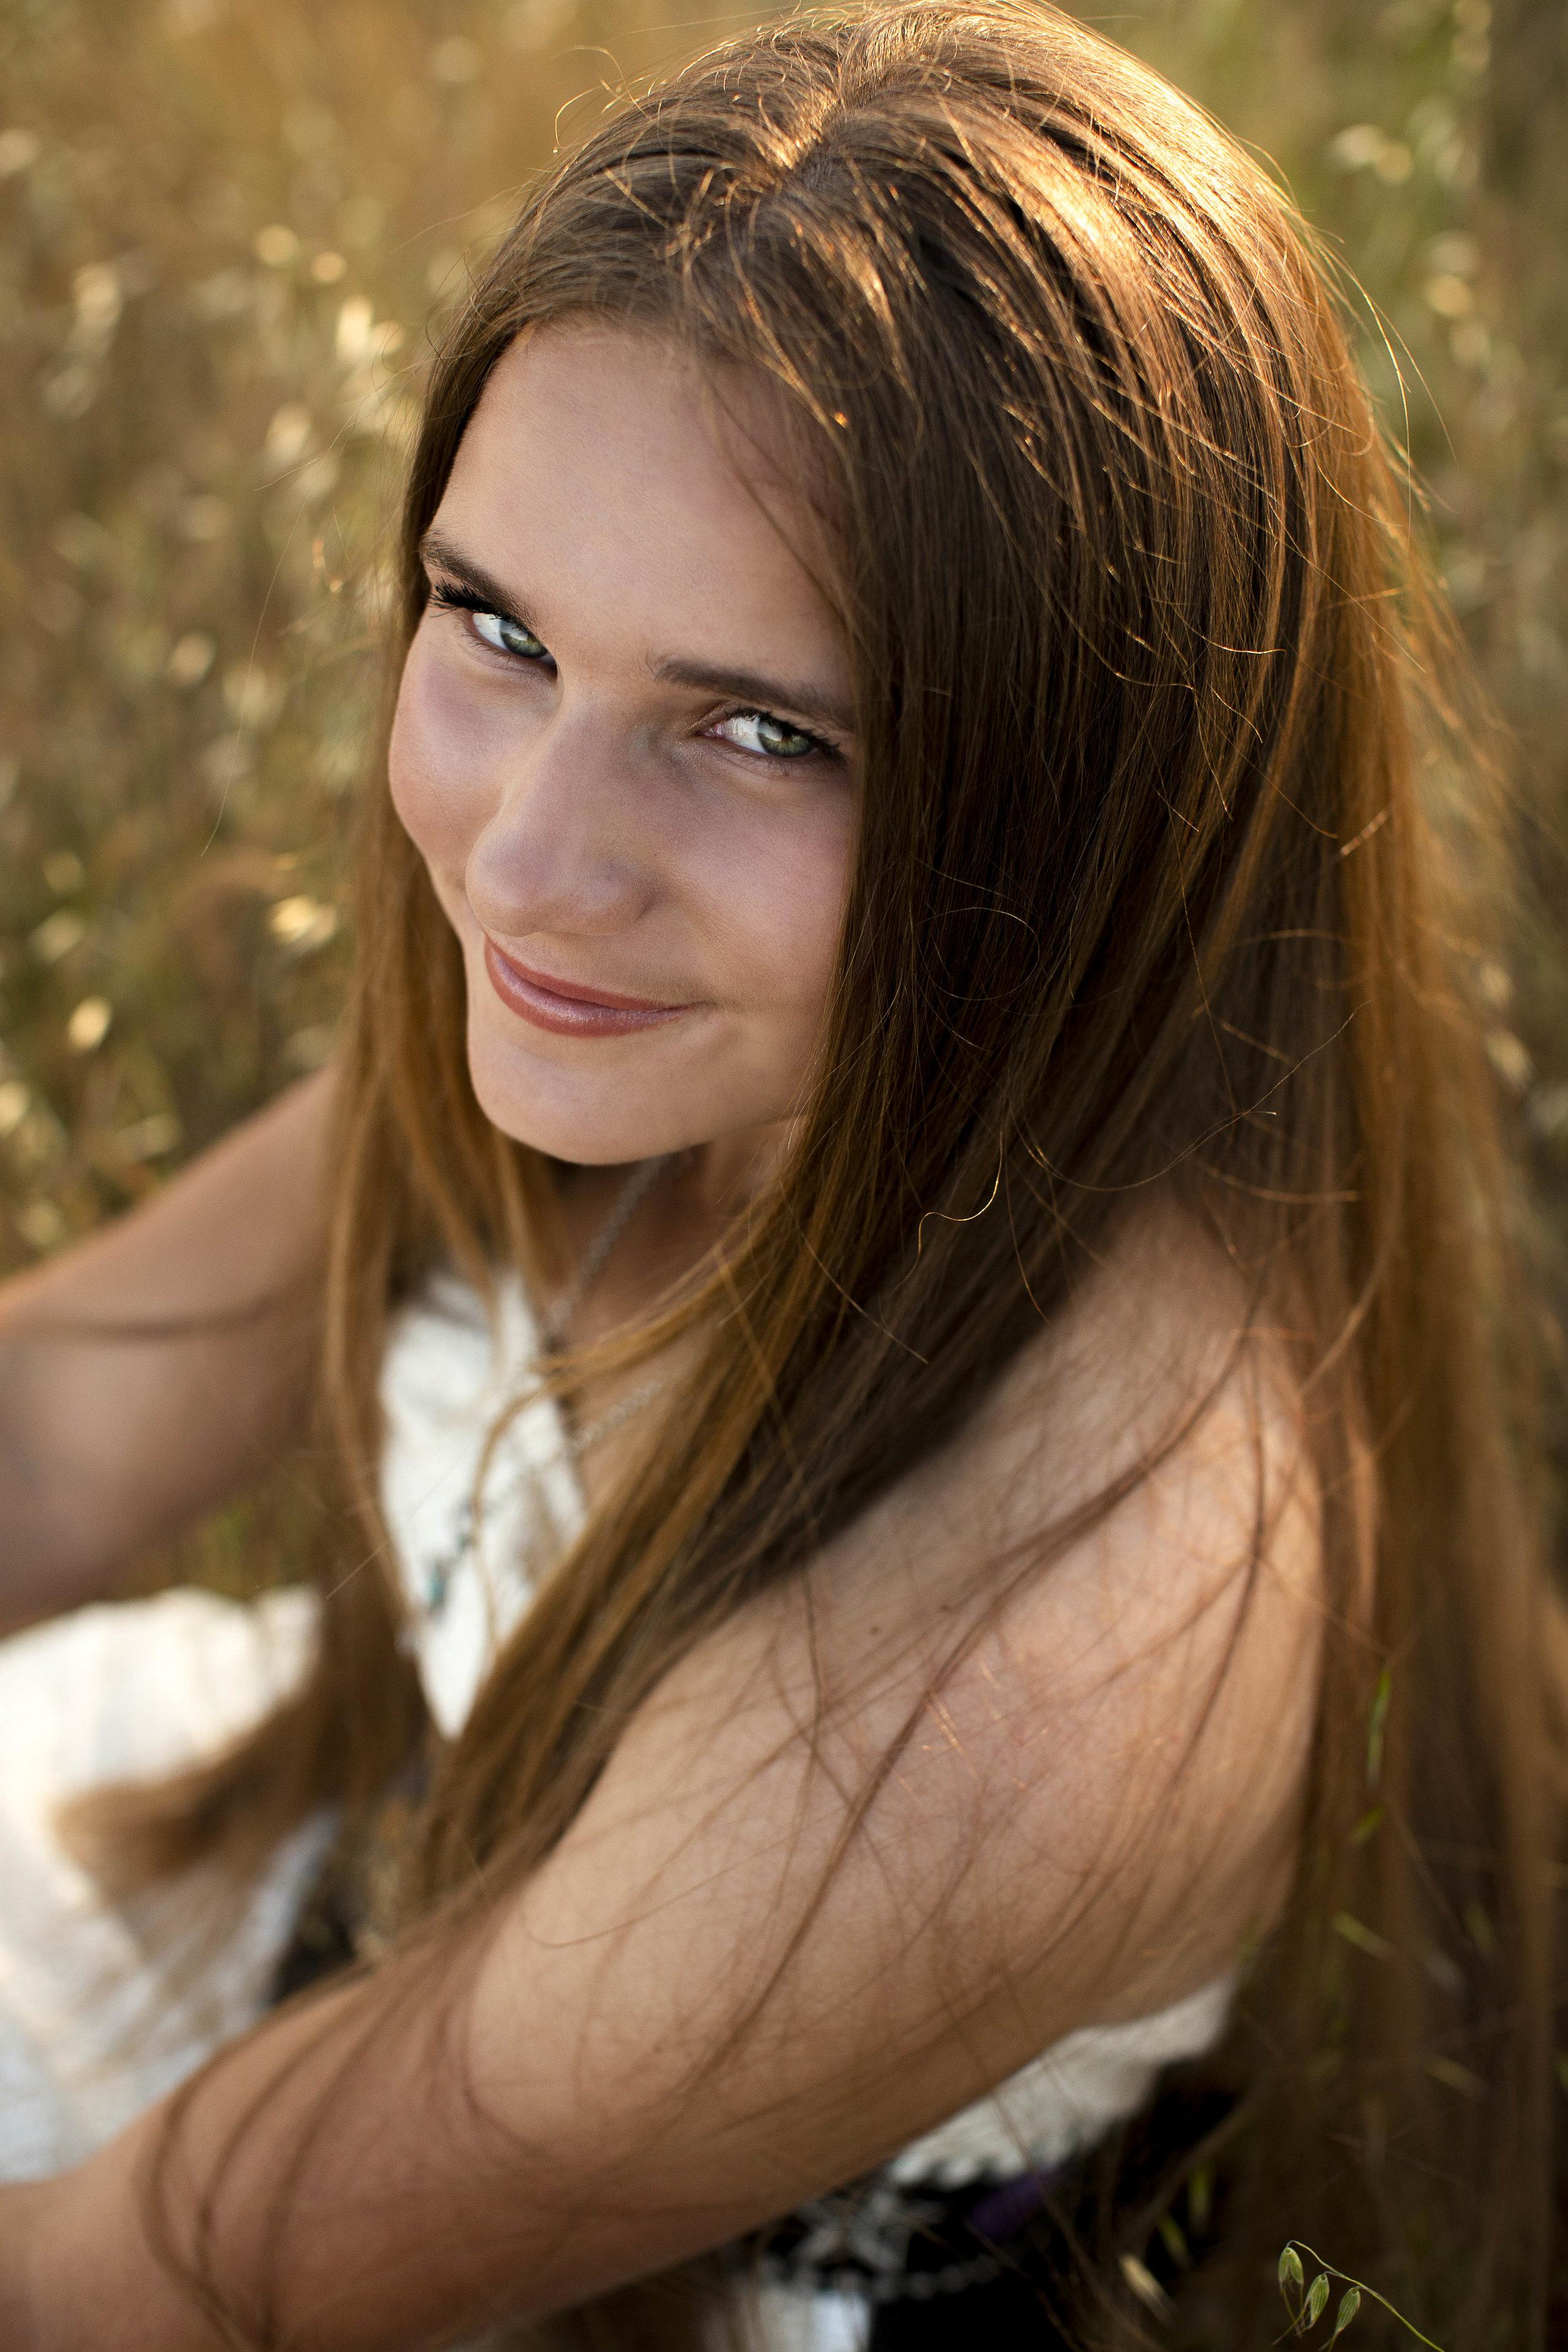 MaggieUsherBlogPost-14.jpg